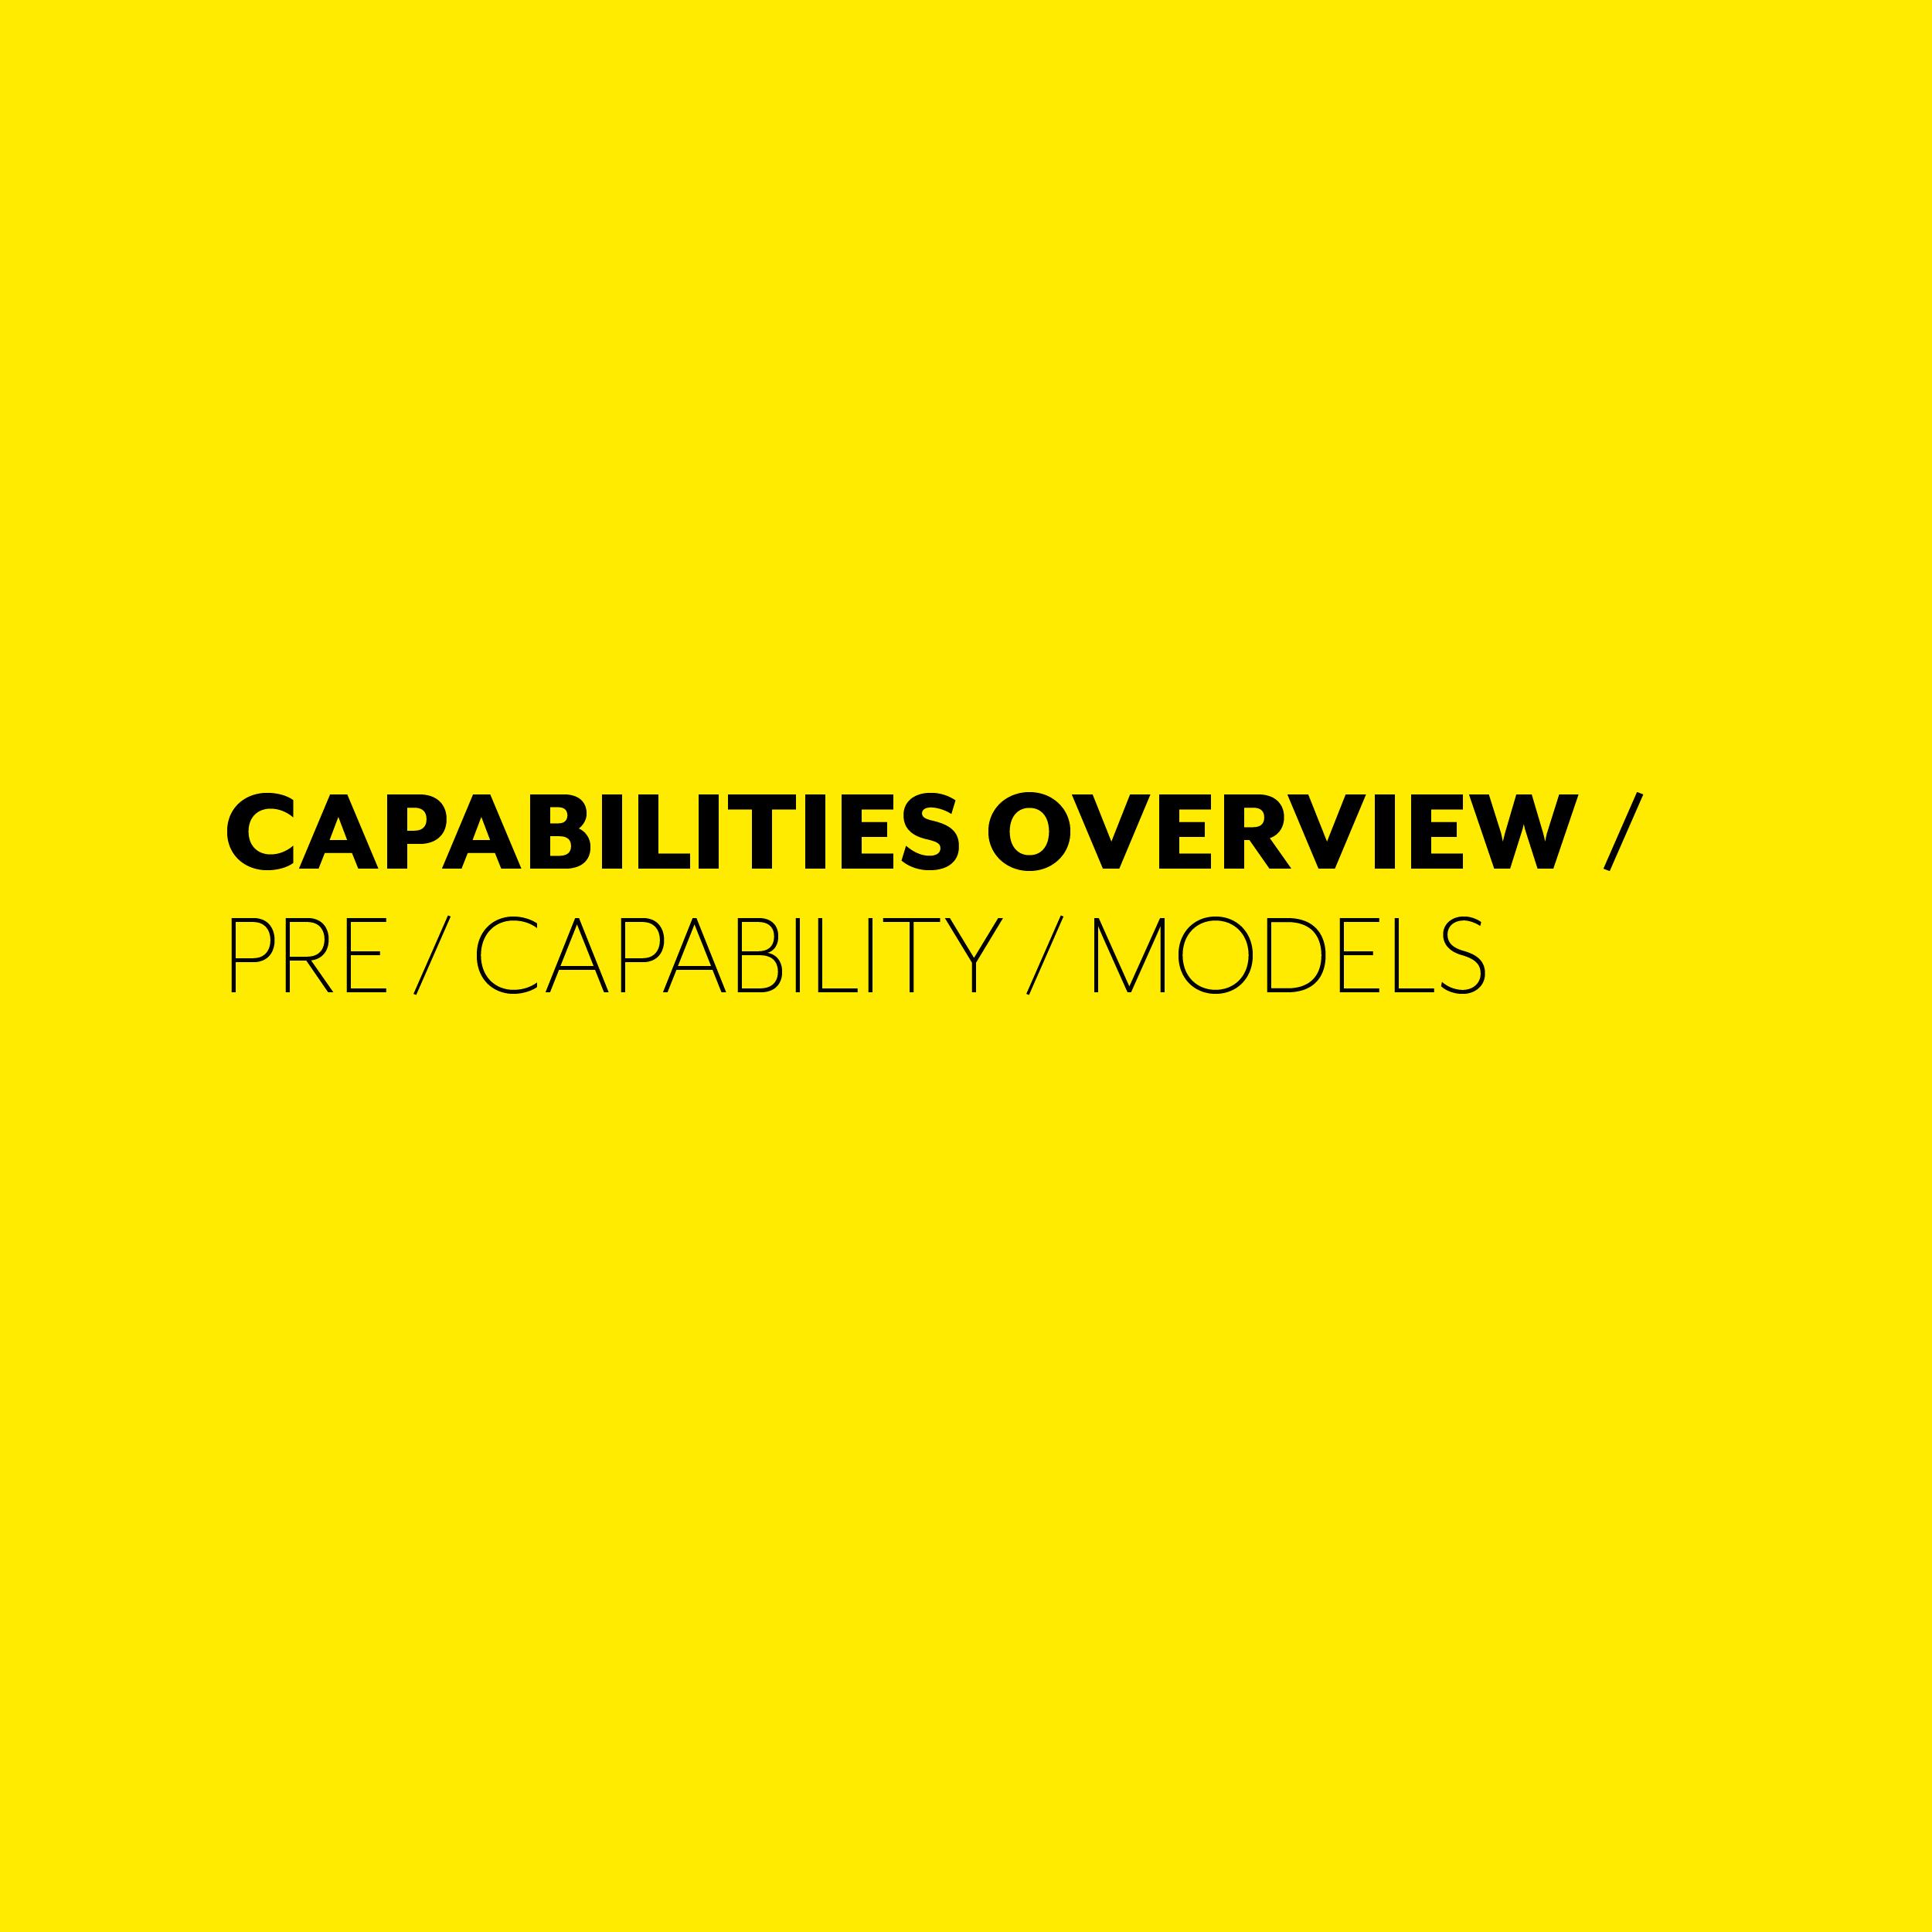 CAPABILITIES OVERVIEW MODEL.jpg